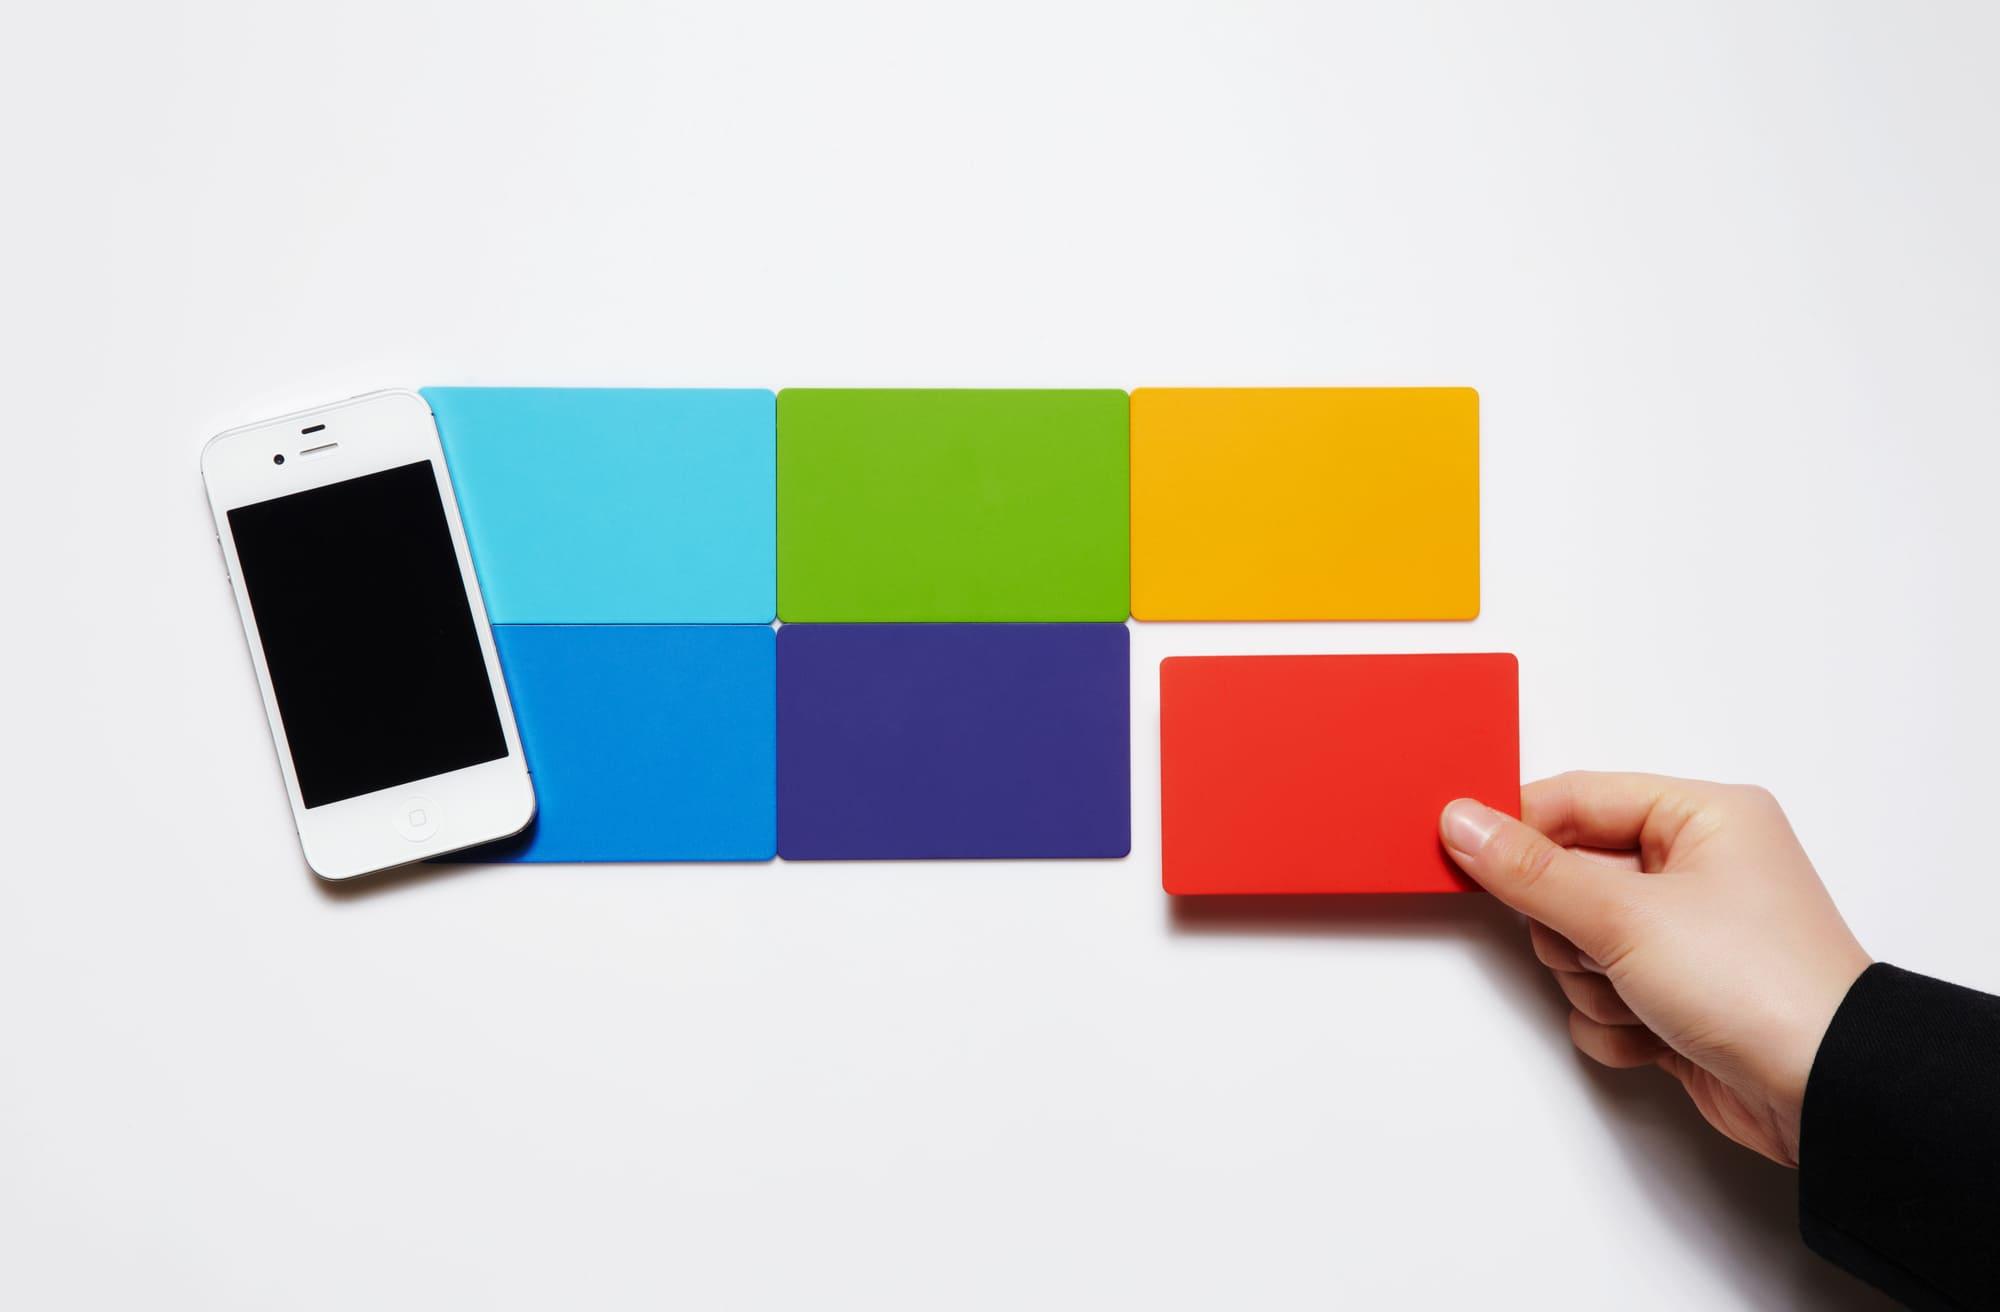 Applecard(アップルカード)はお得? 2019年に発表されたiphoneユーザー必見カード